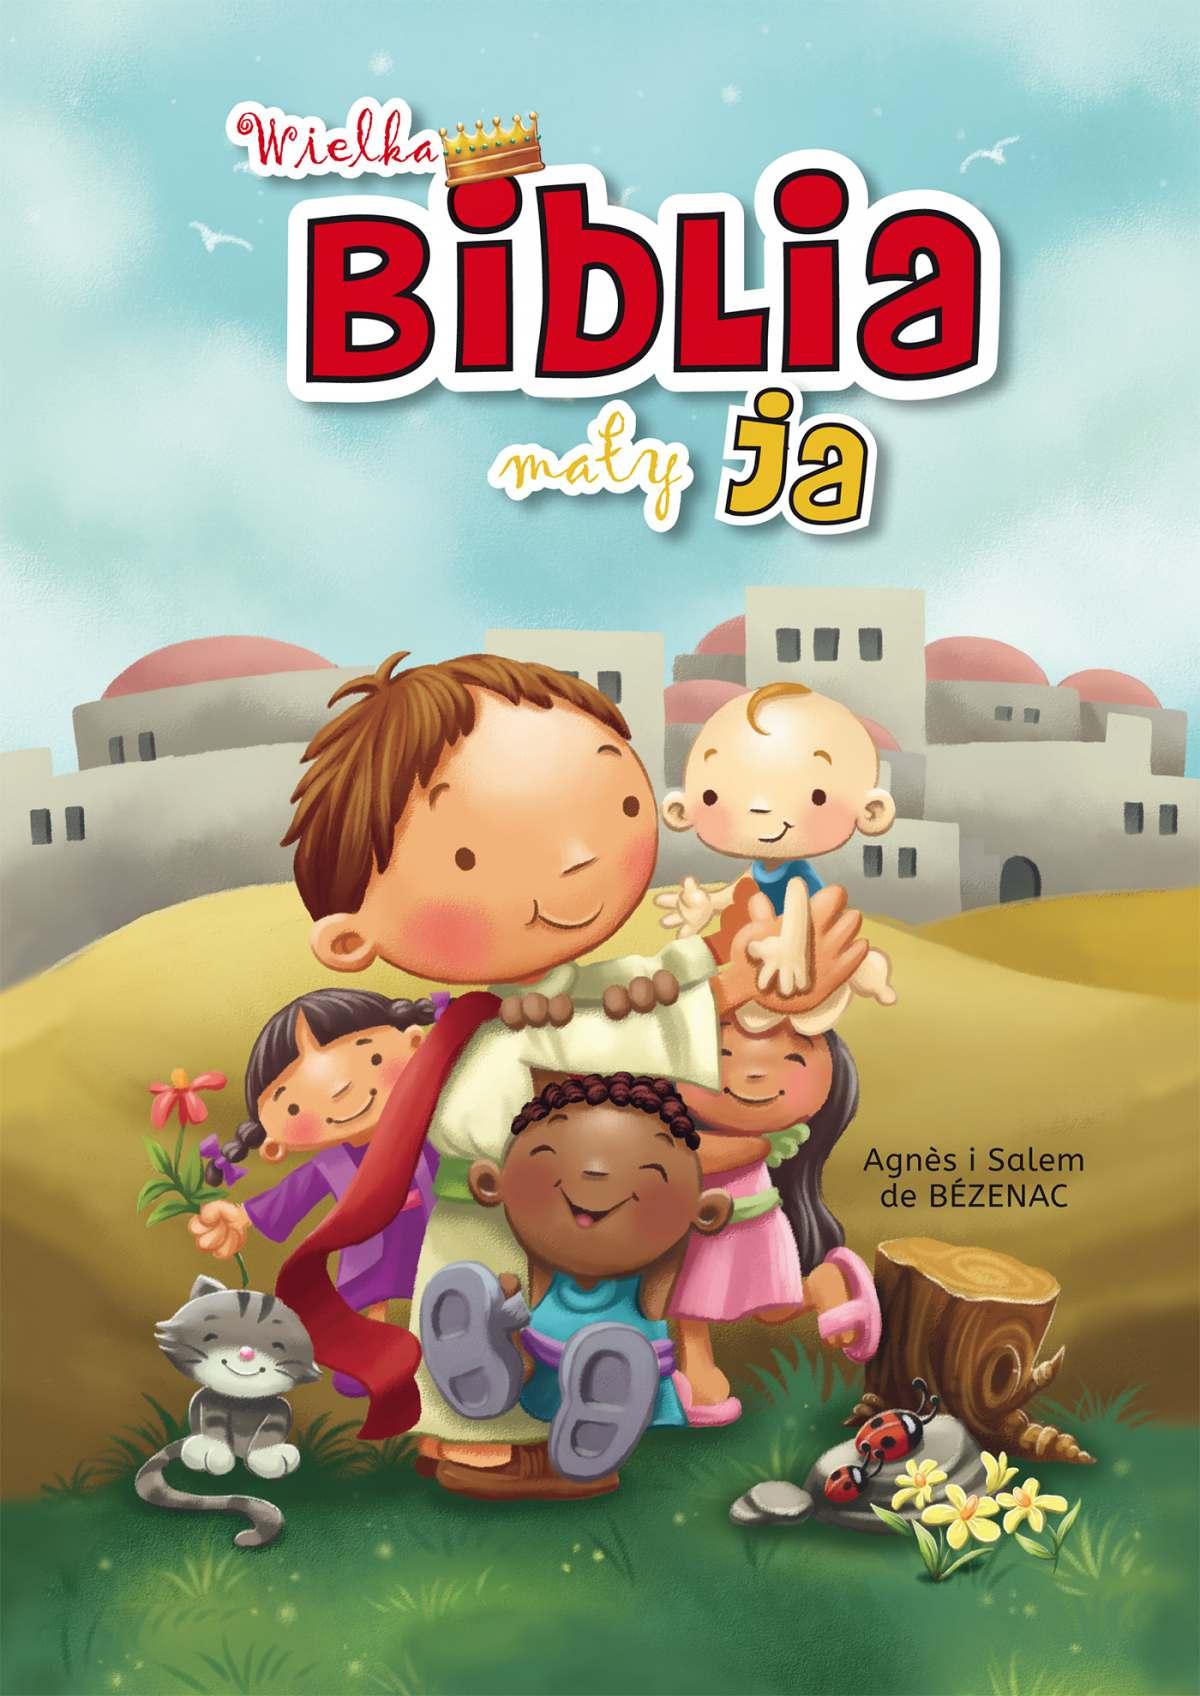 Wielka Biblia, mały ja - Ebook (Książka EPUB) do pobrania w formacie EPUB